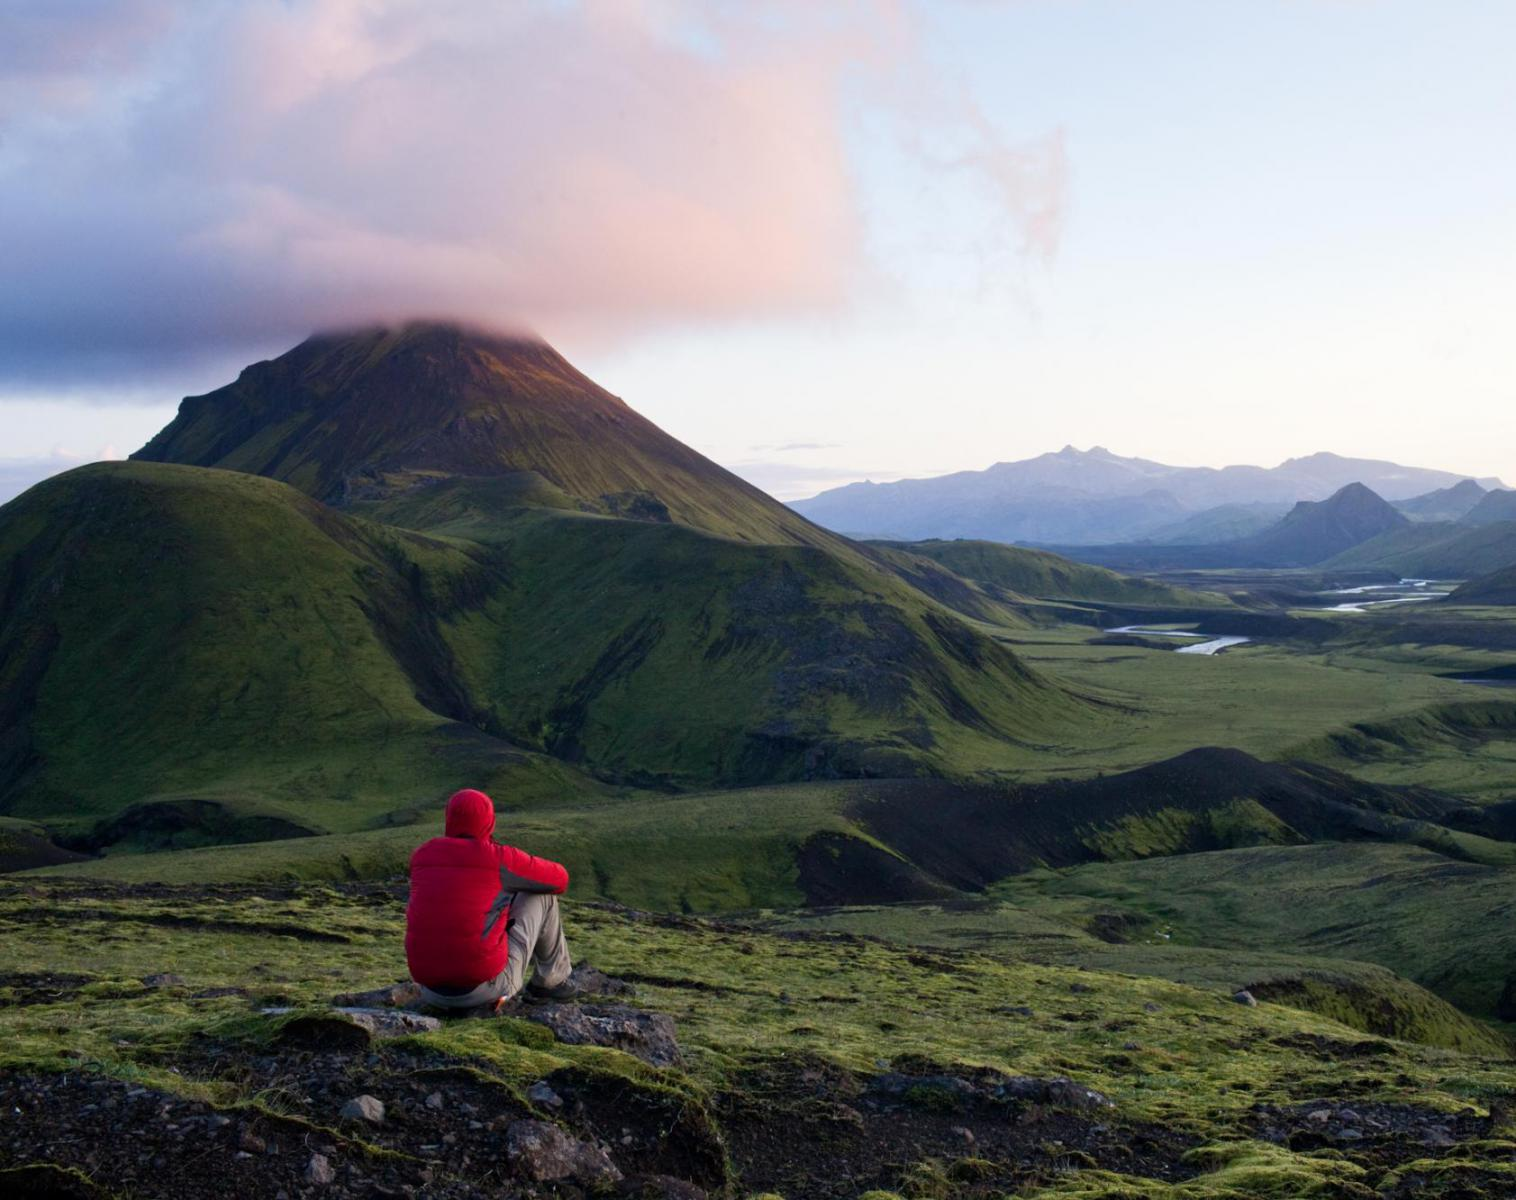 Islande  Trek du Fjallabak   Découverte Trek & Randonnée